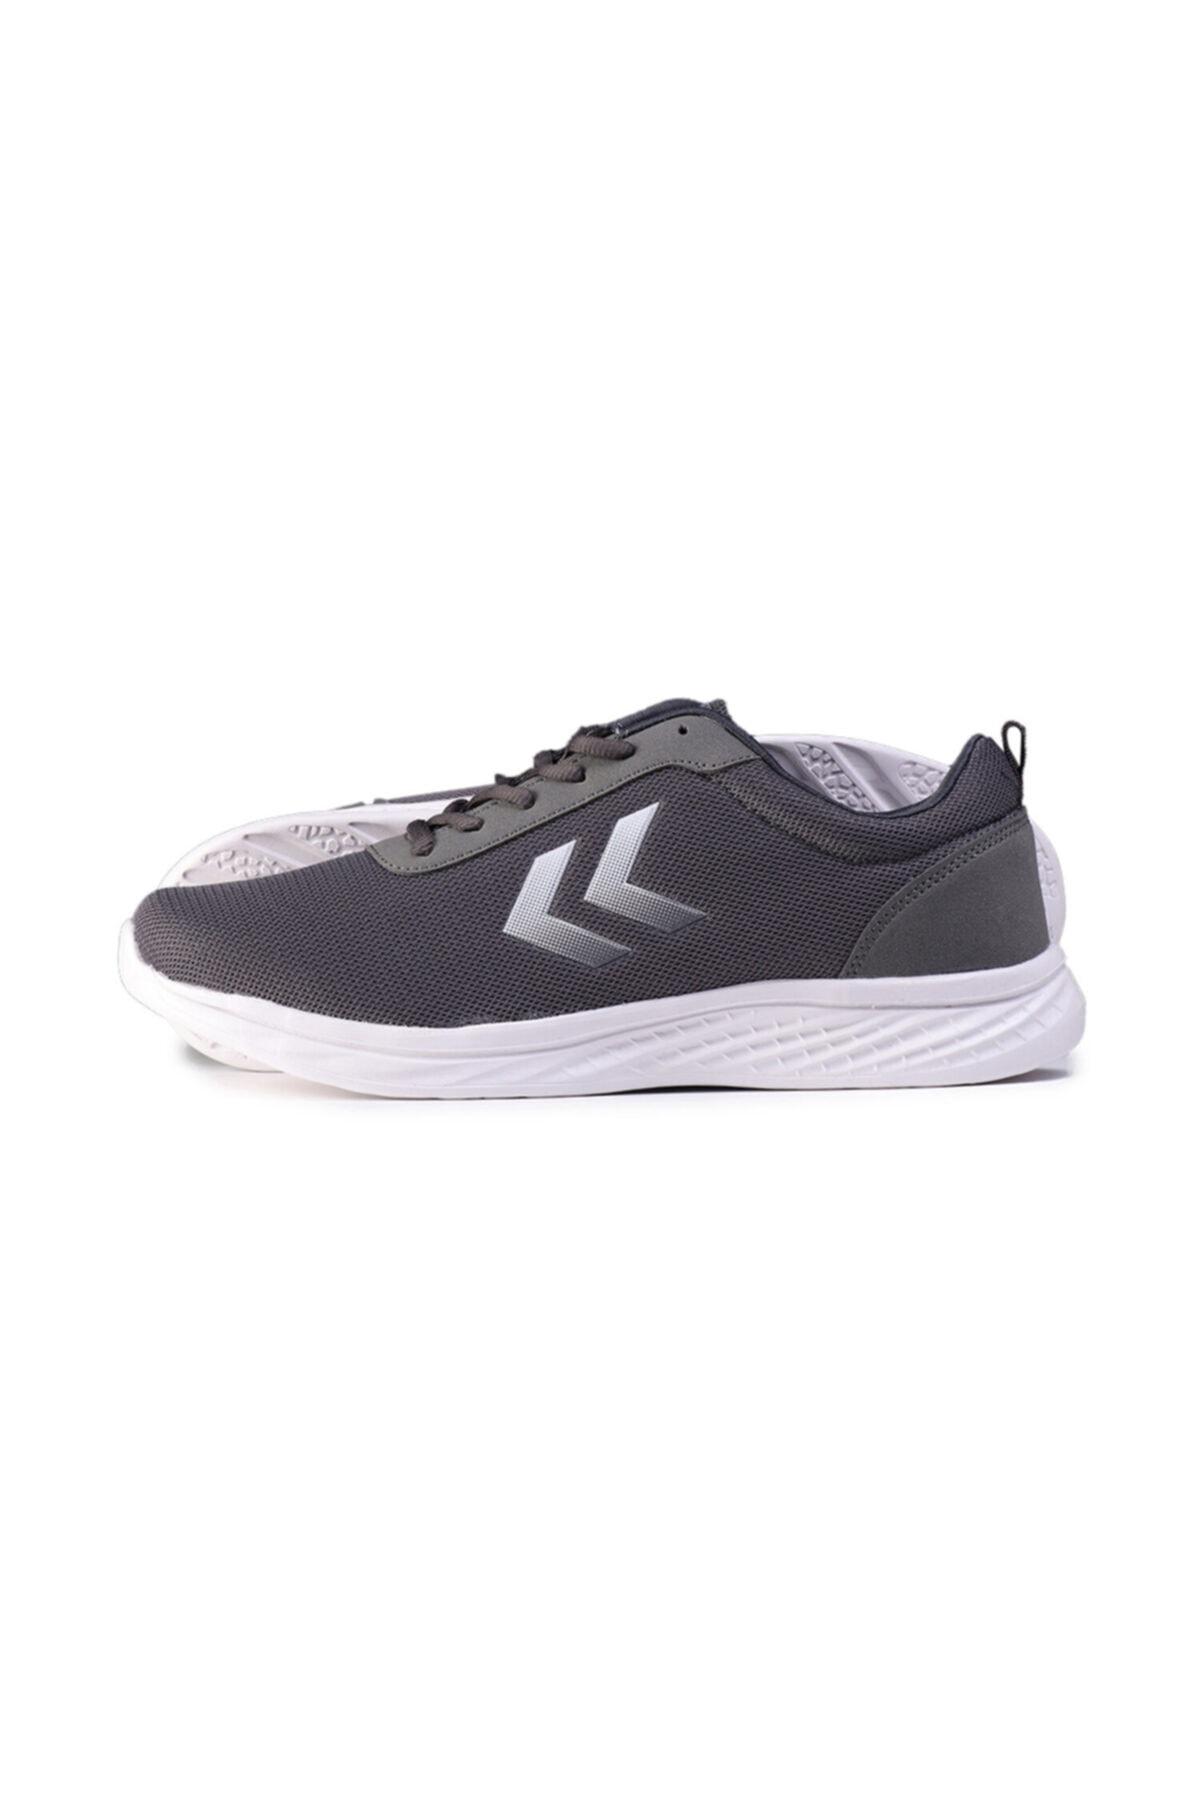 HUMMEL Aerolıte Iı Ayakkabı 2